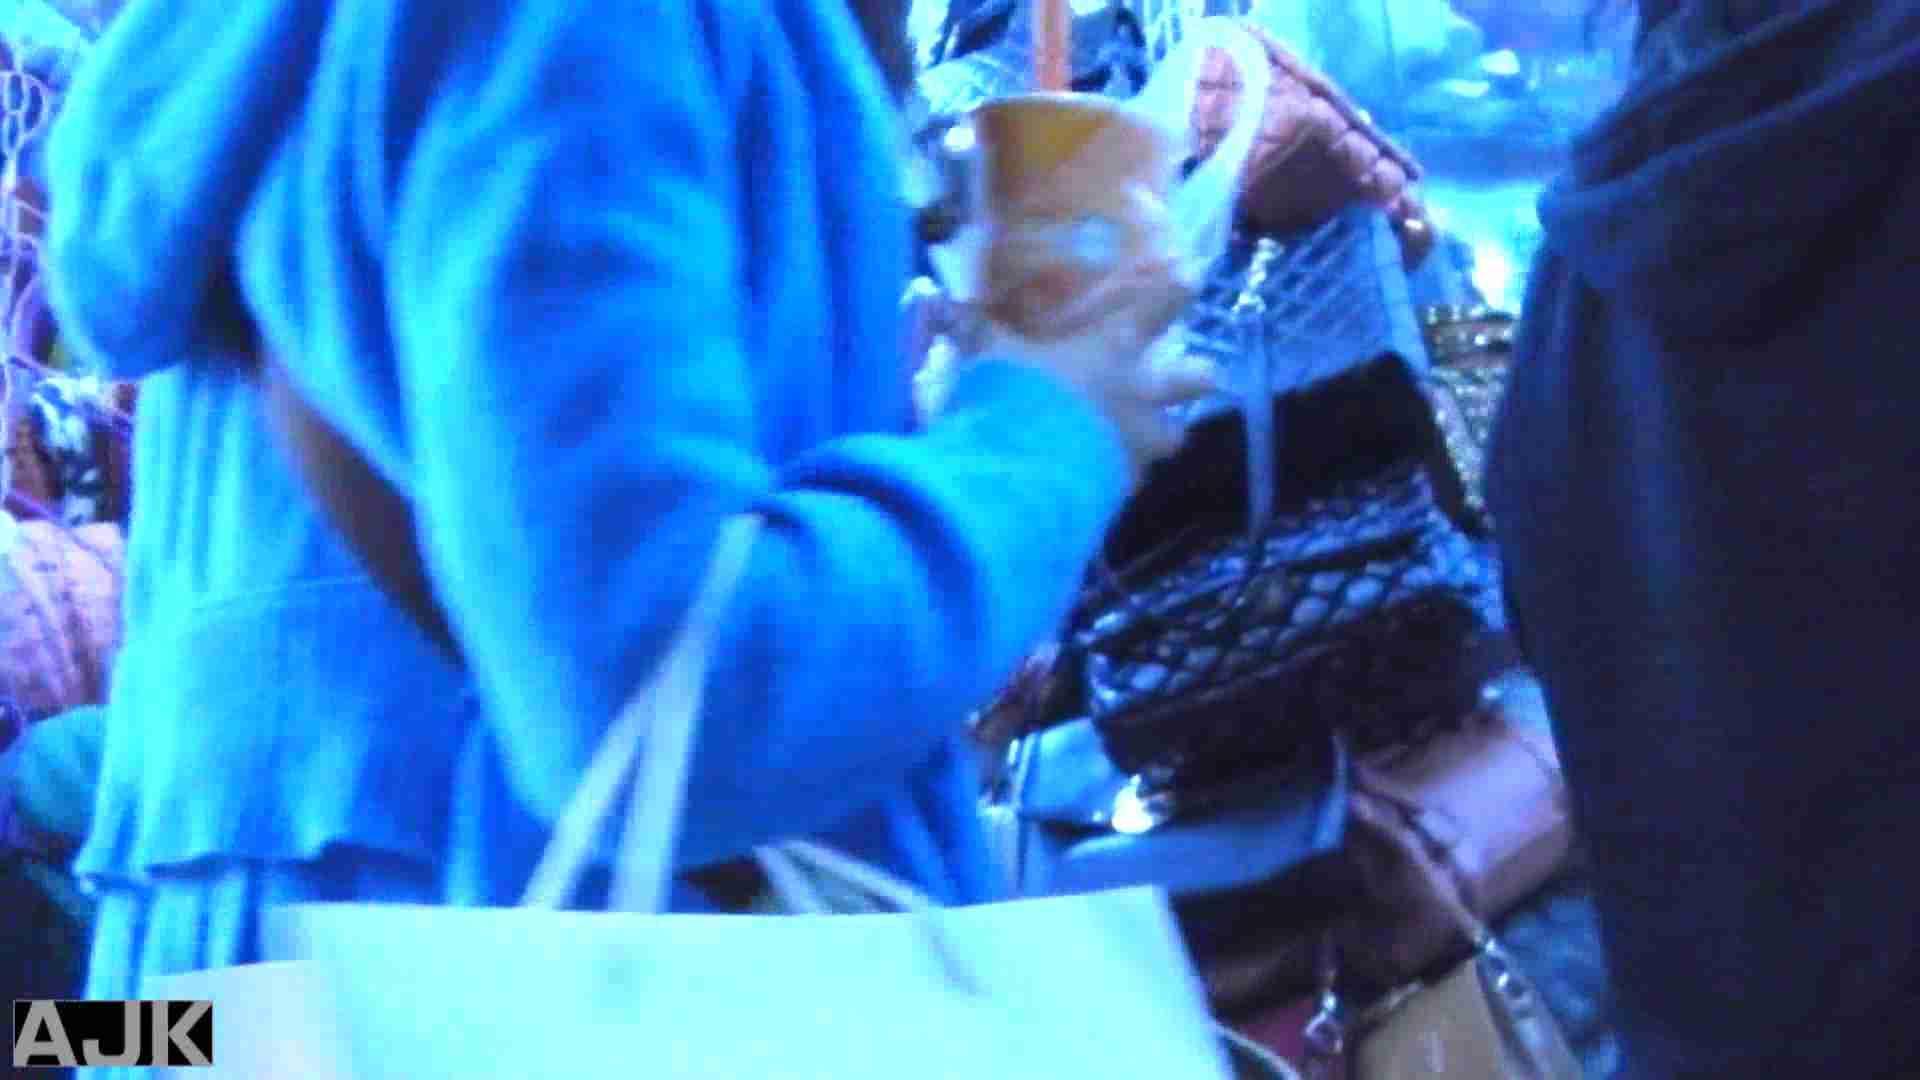 隣国上階級エリアの令嬢たちが集うデパートお手洗い Vol.12 洗面所   お嬢様  110画像 42